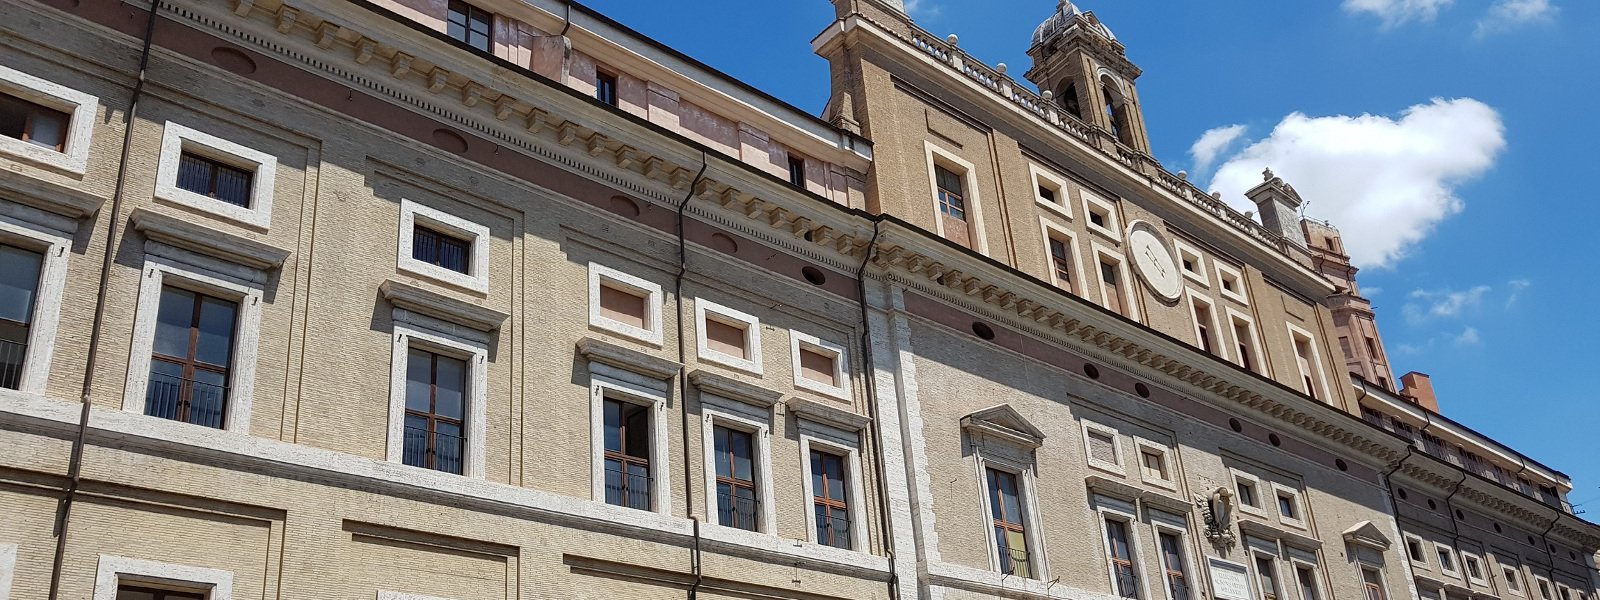 Facciata del Collegio Romano, adiacente alla chiesa di sant'Ignazio in Campo Marzio a Roma